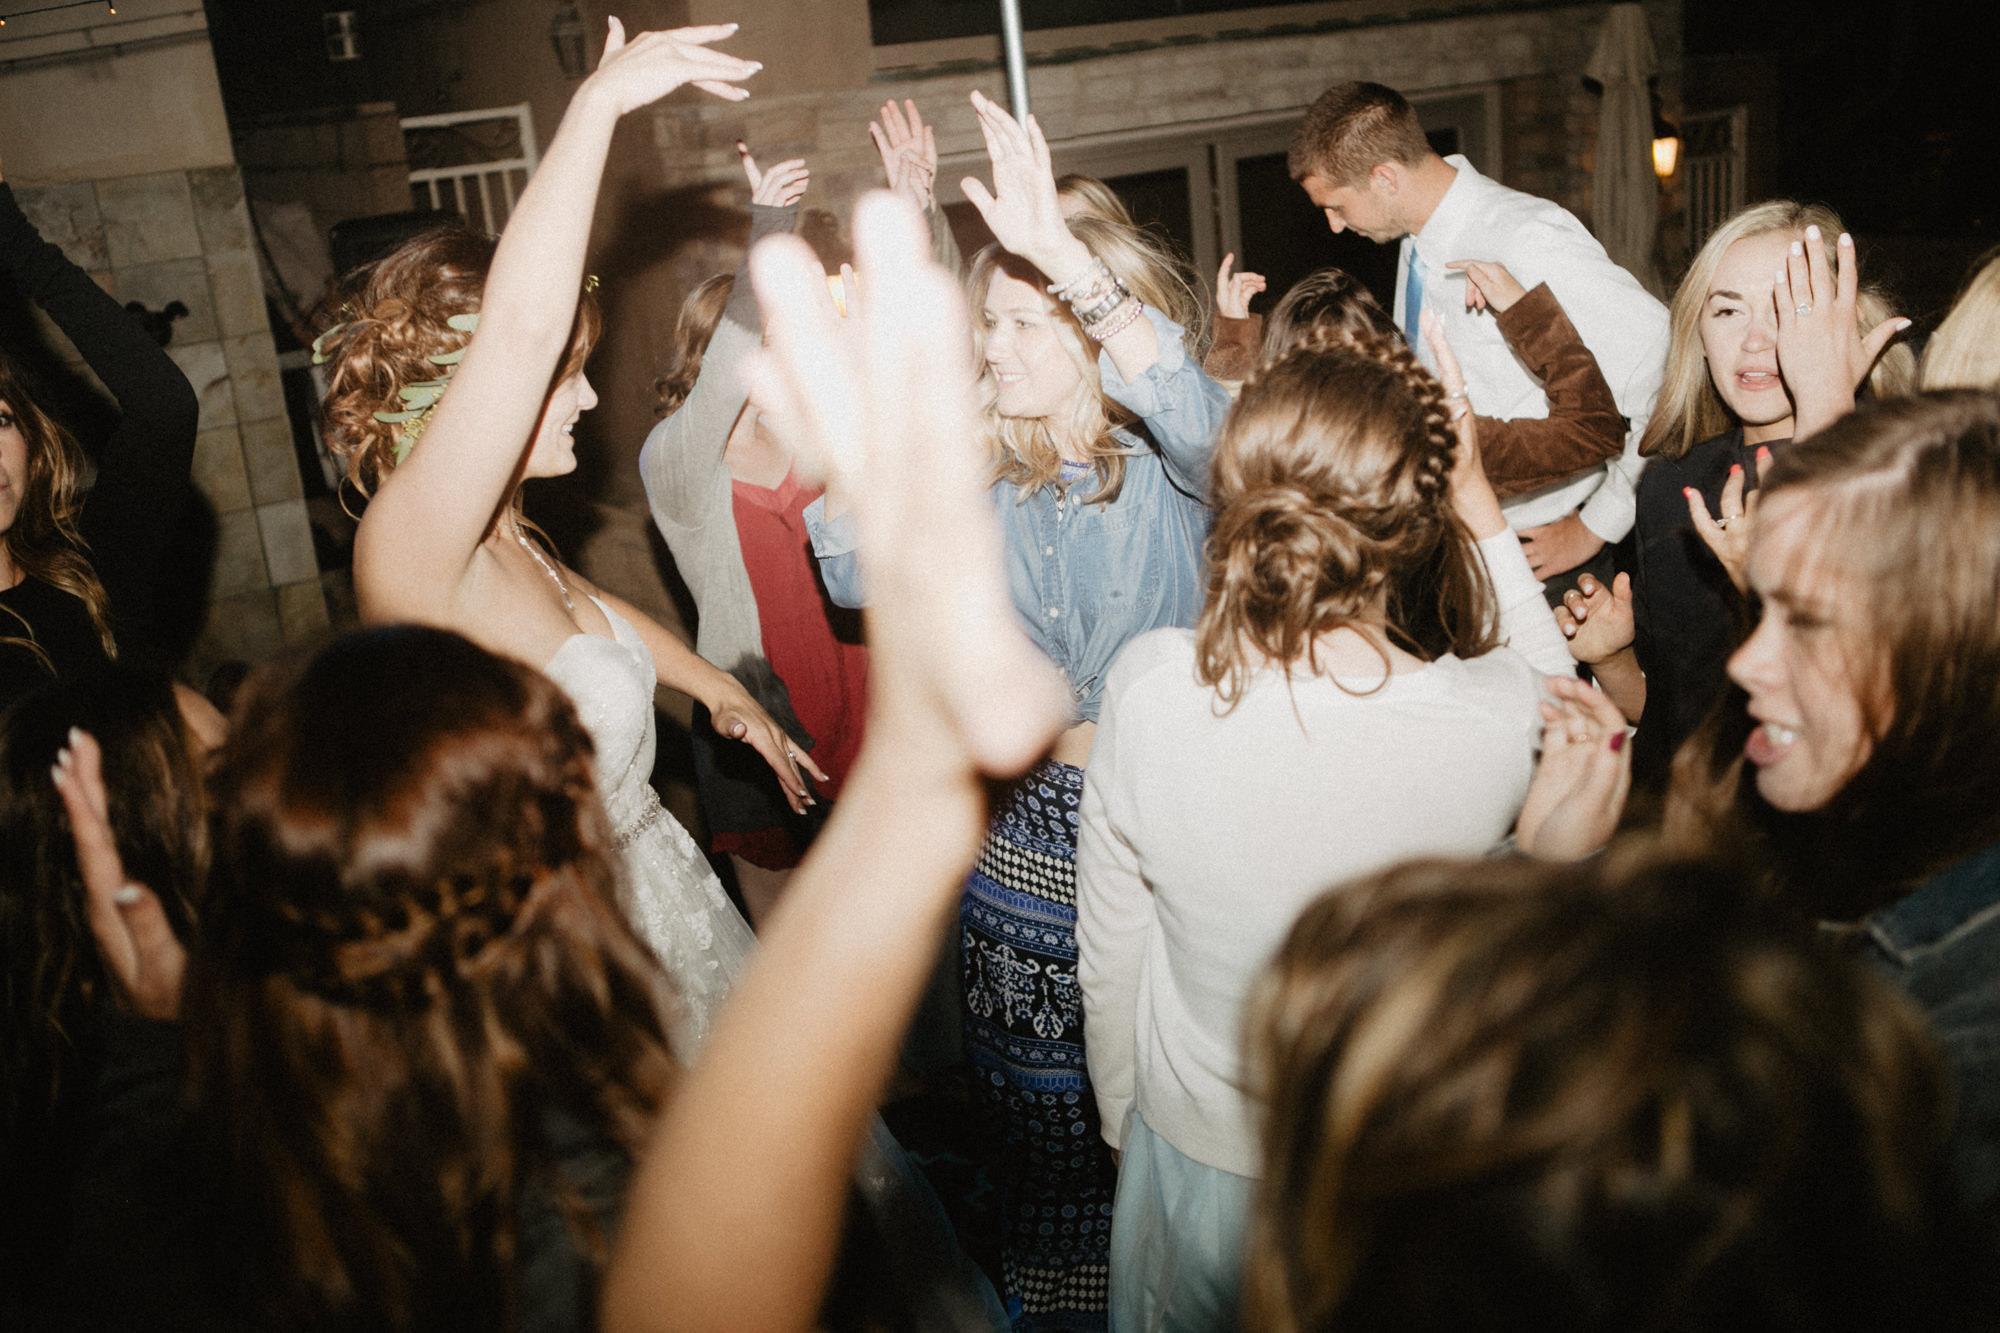 oceanside_airbnb_wedding-70.jpg